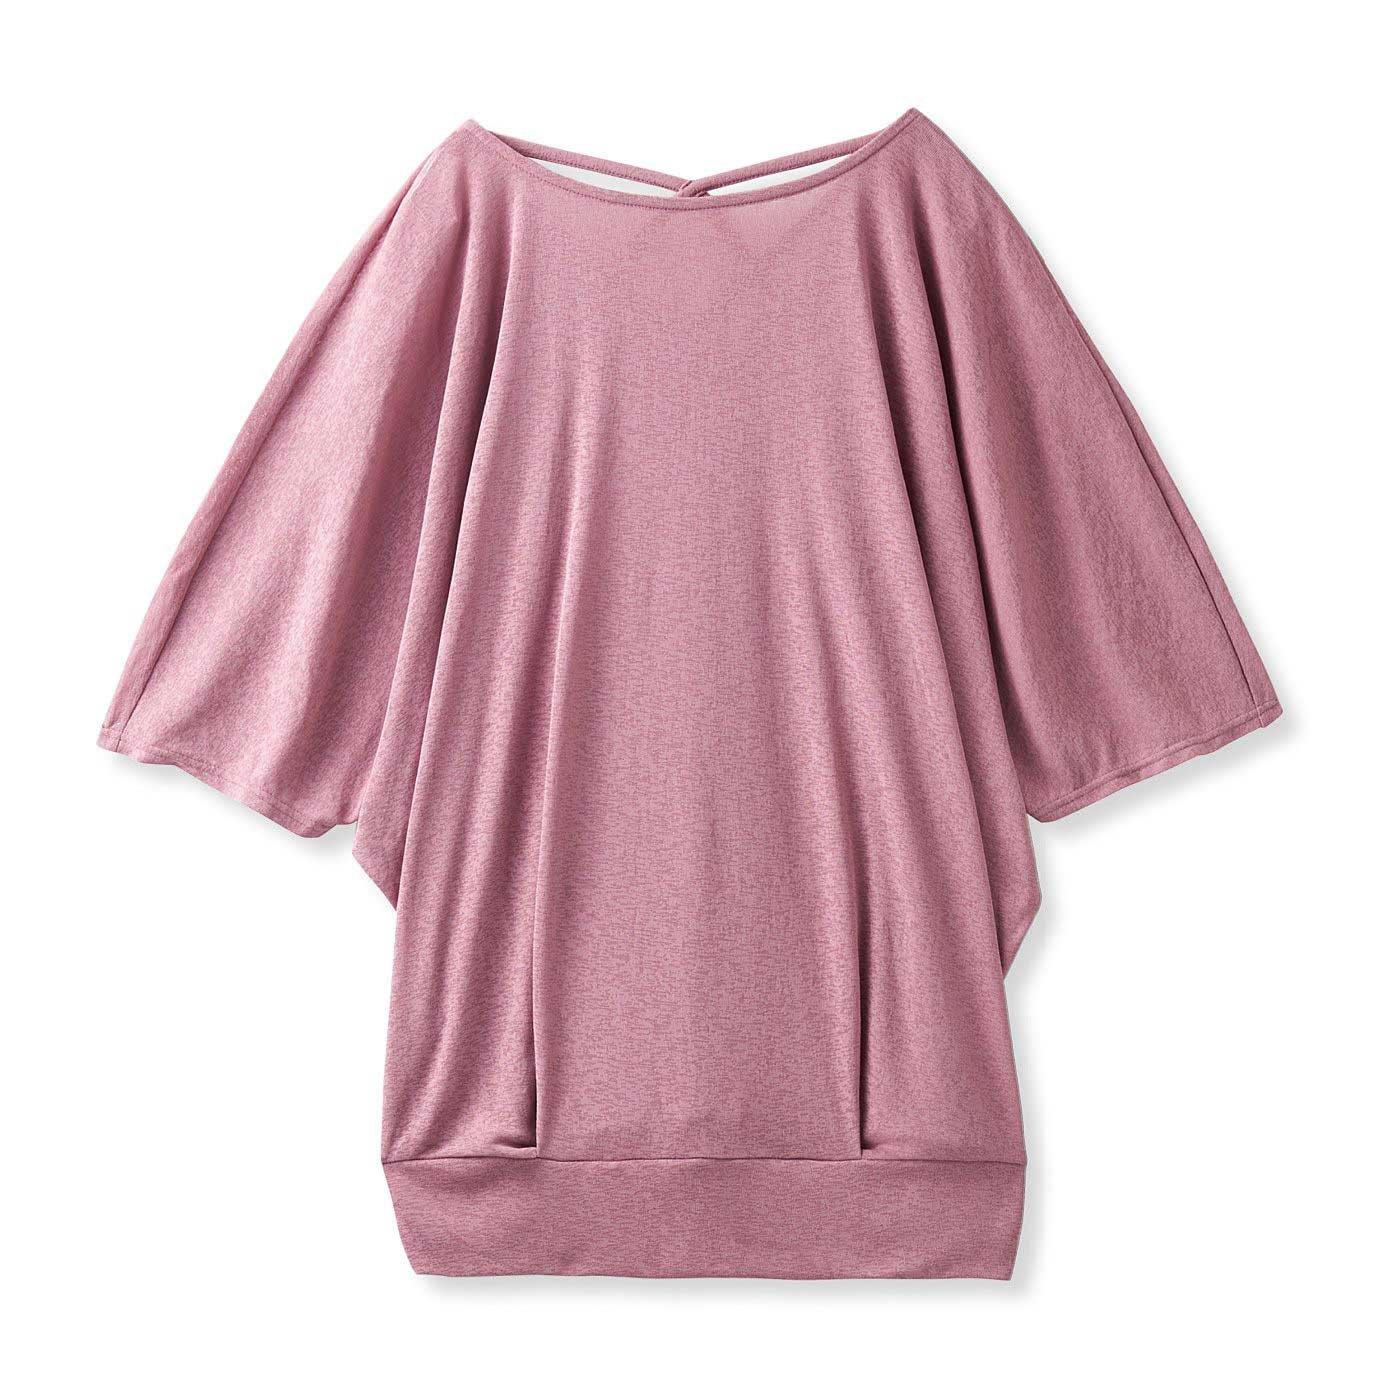 毎日がヘルシーになる日常着 背筋すっきり見え 重ね着が決まる ヨガ気分シアートップス〈ピンク〉